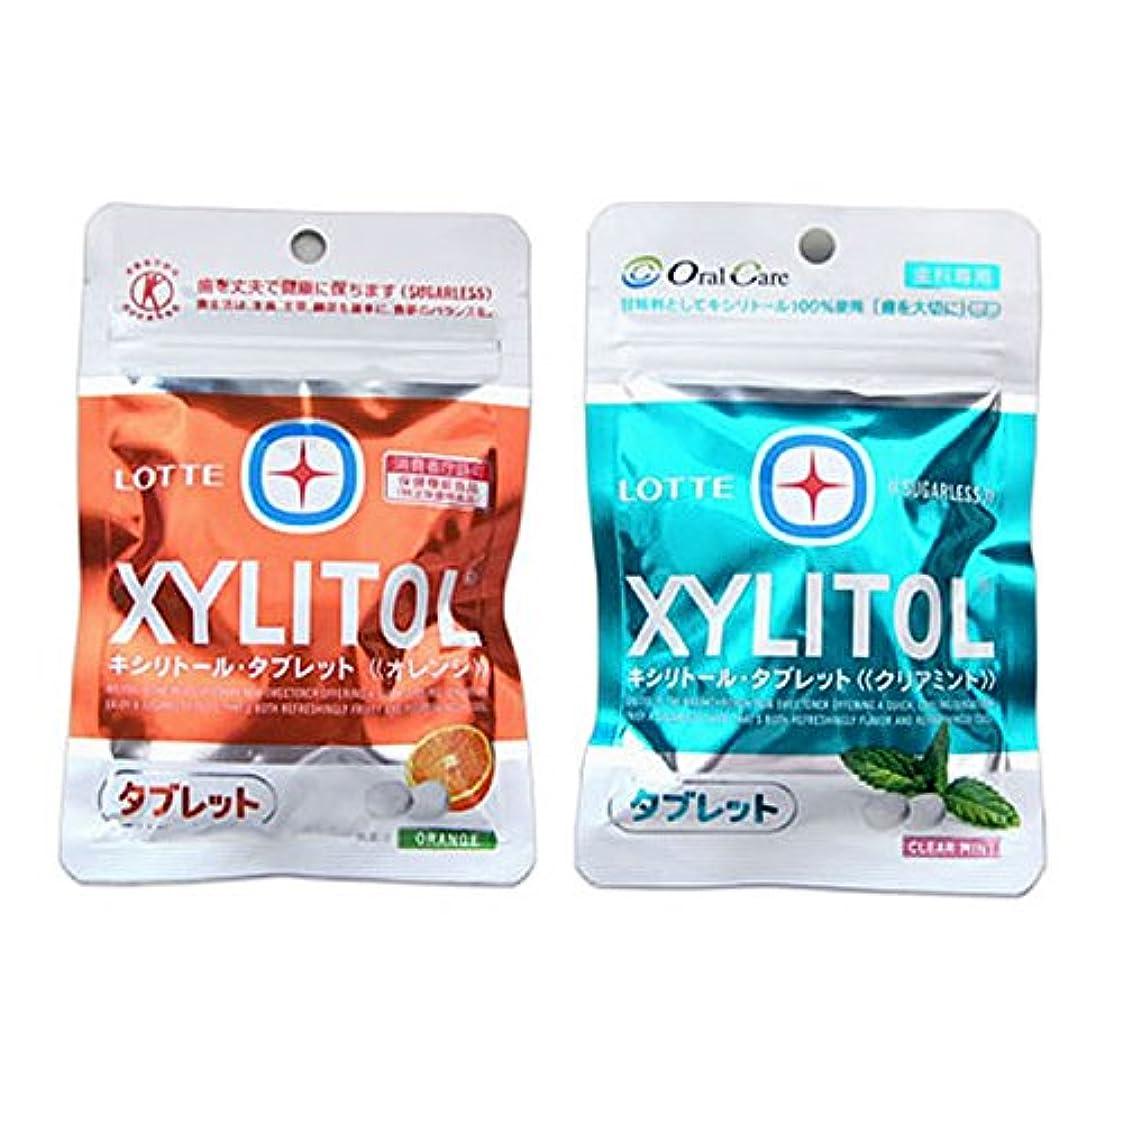 臨検解明企業キシリトールタブレット(ラミチャック) キシリトール タブレット ラミチャック 3袋 場 クリアミント2袋+オレンジ1袋 -